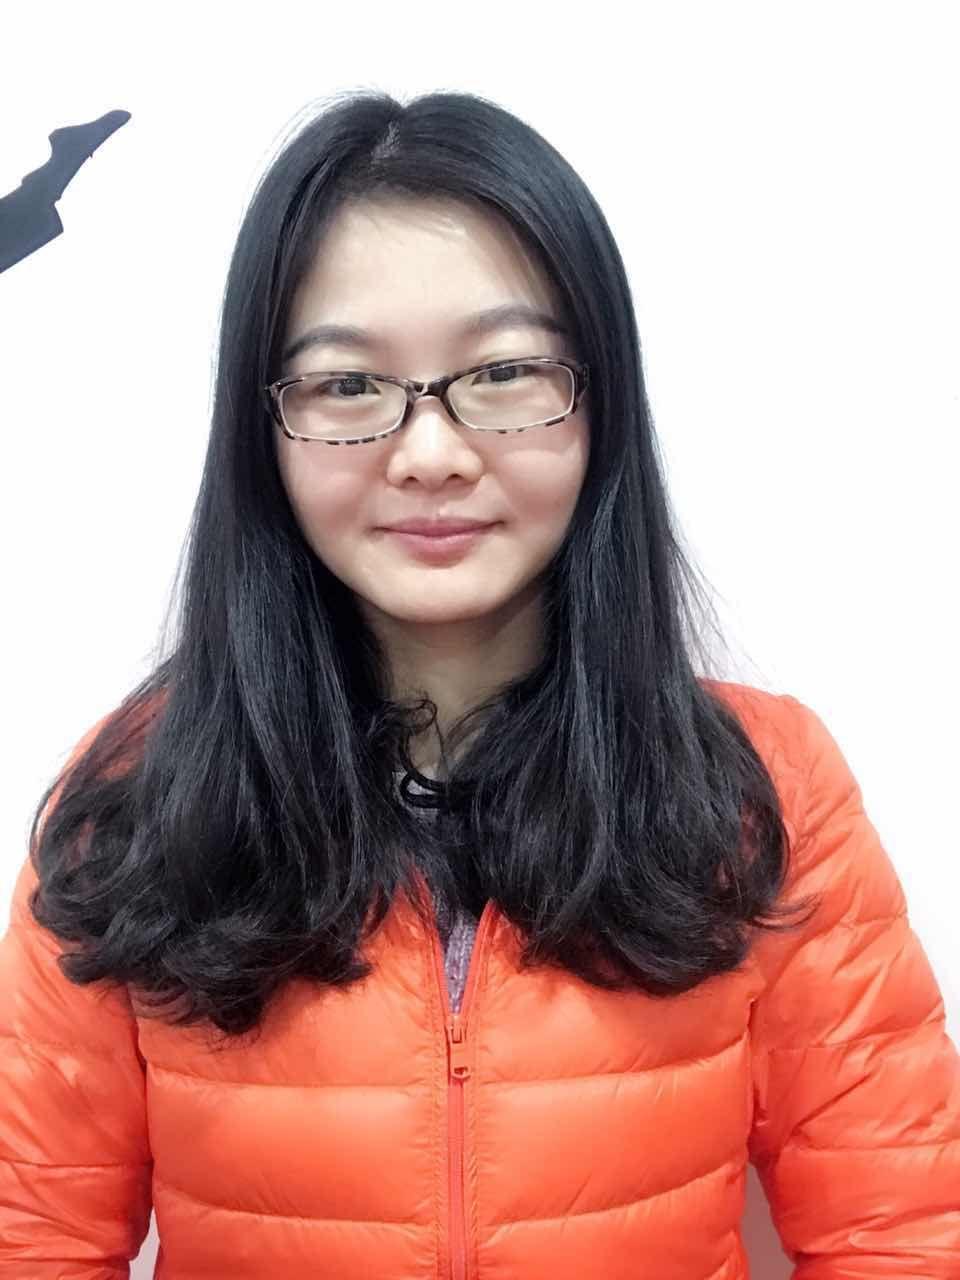 南京早稻苗全脑教育橘子老师